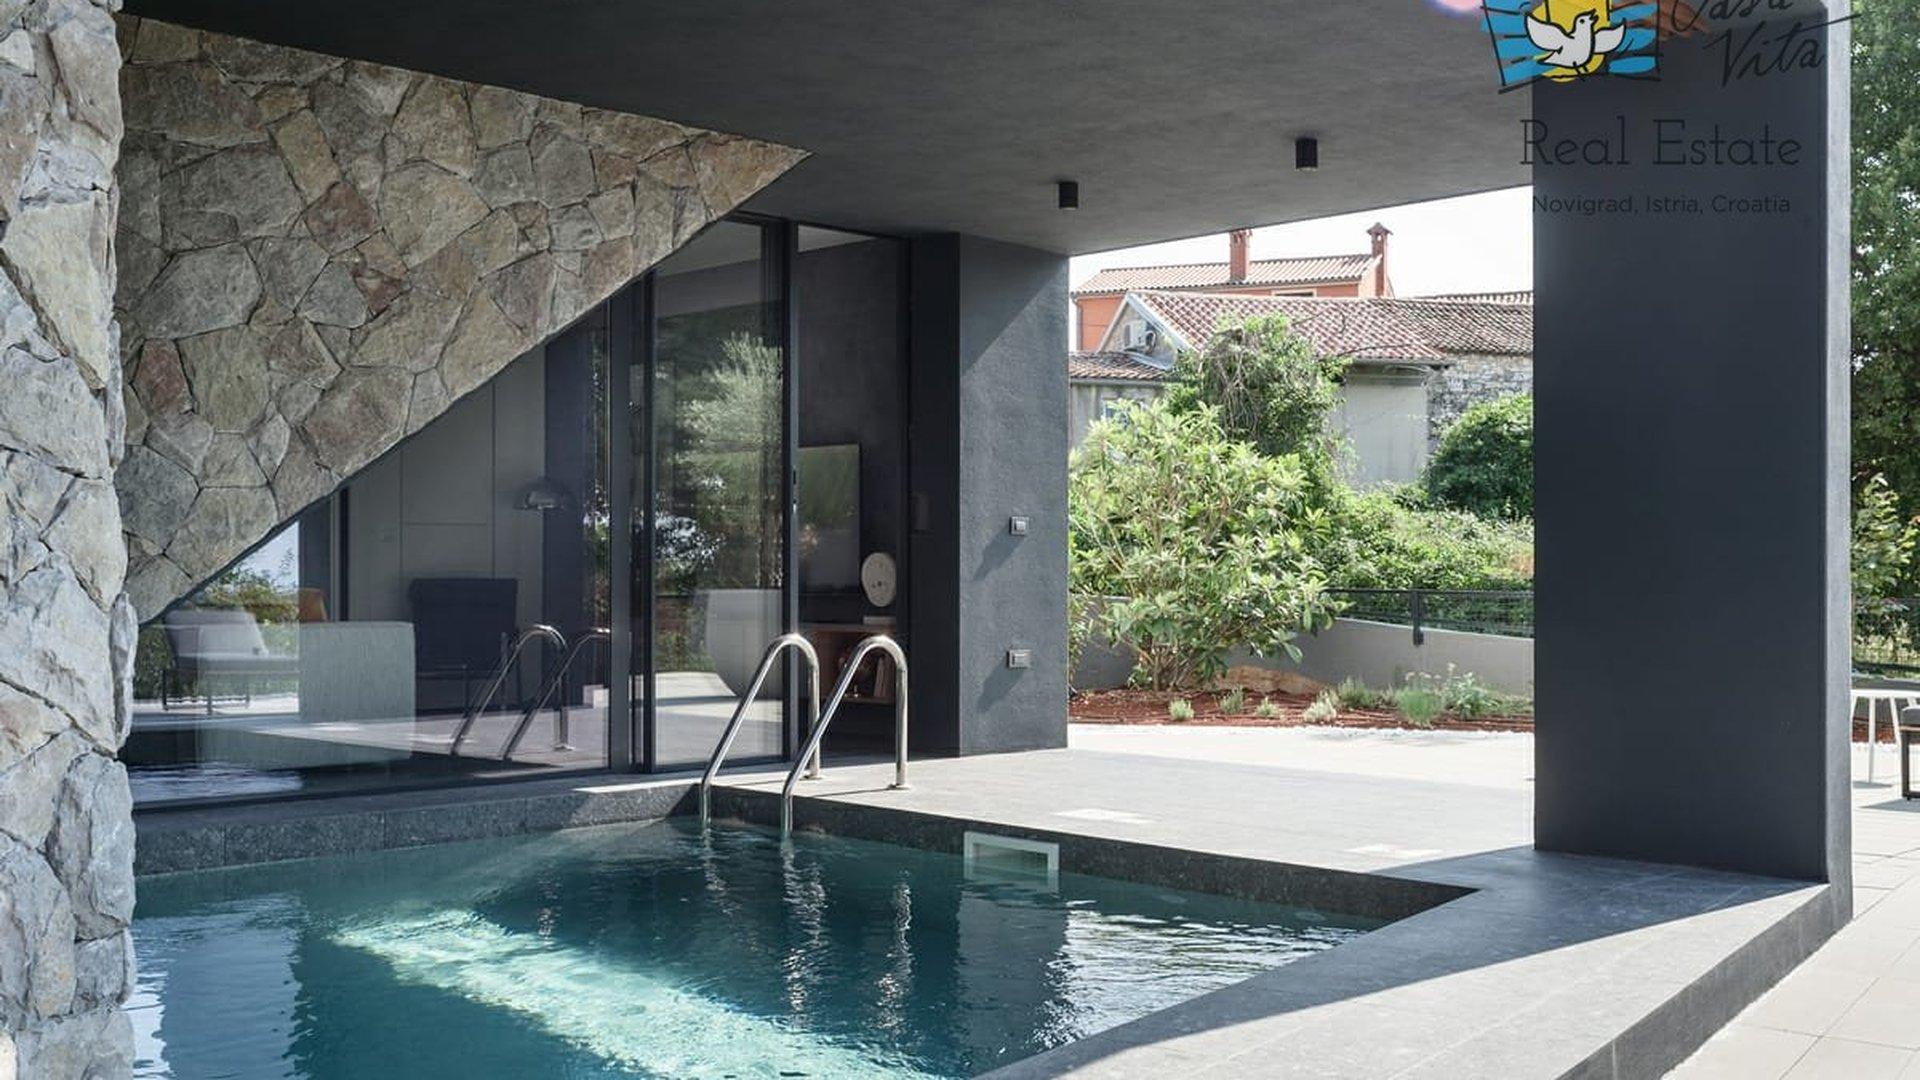 Mit dem Kauf einer Immobilie mit Pool kann man nichts schief machen